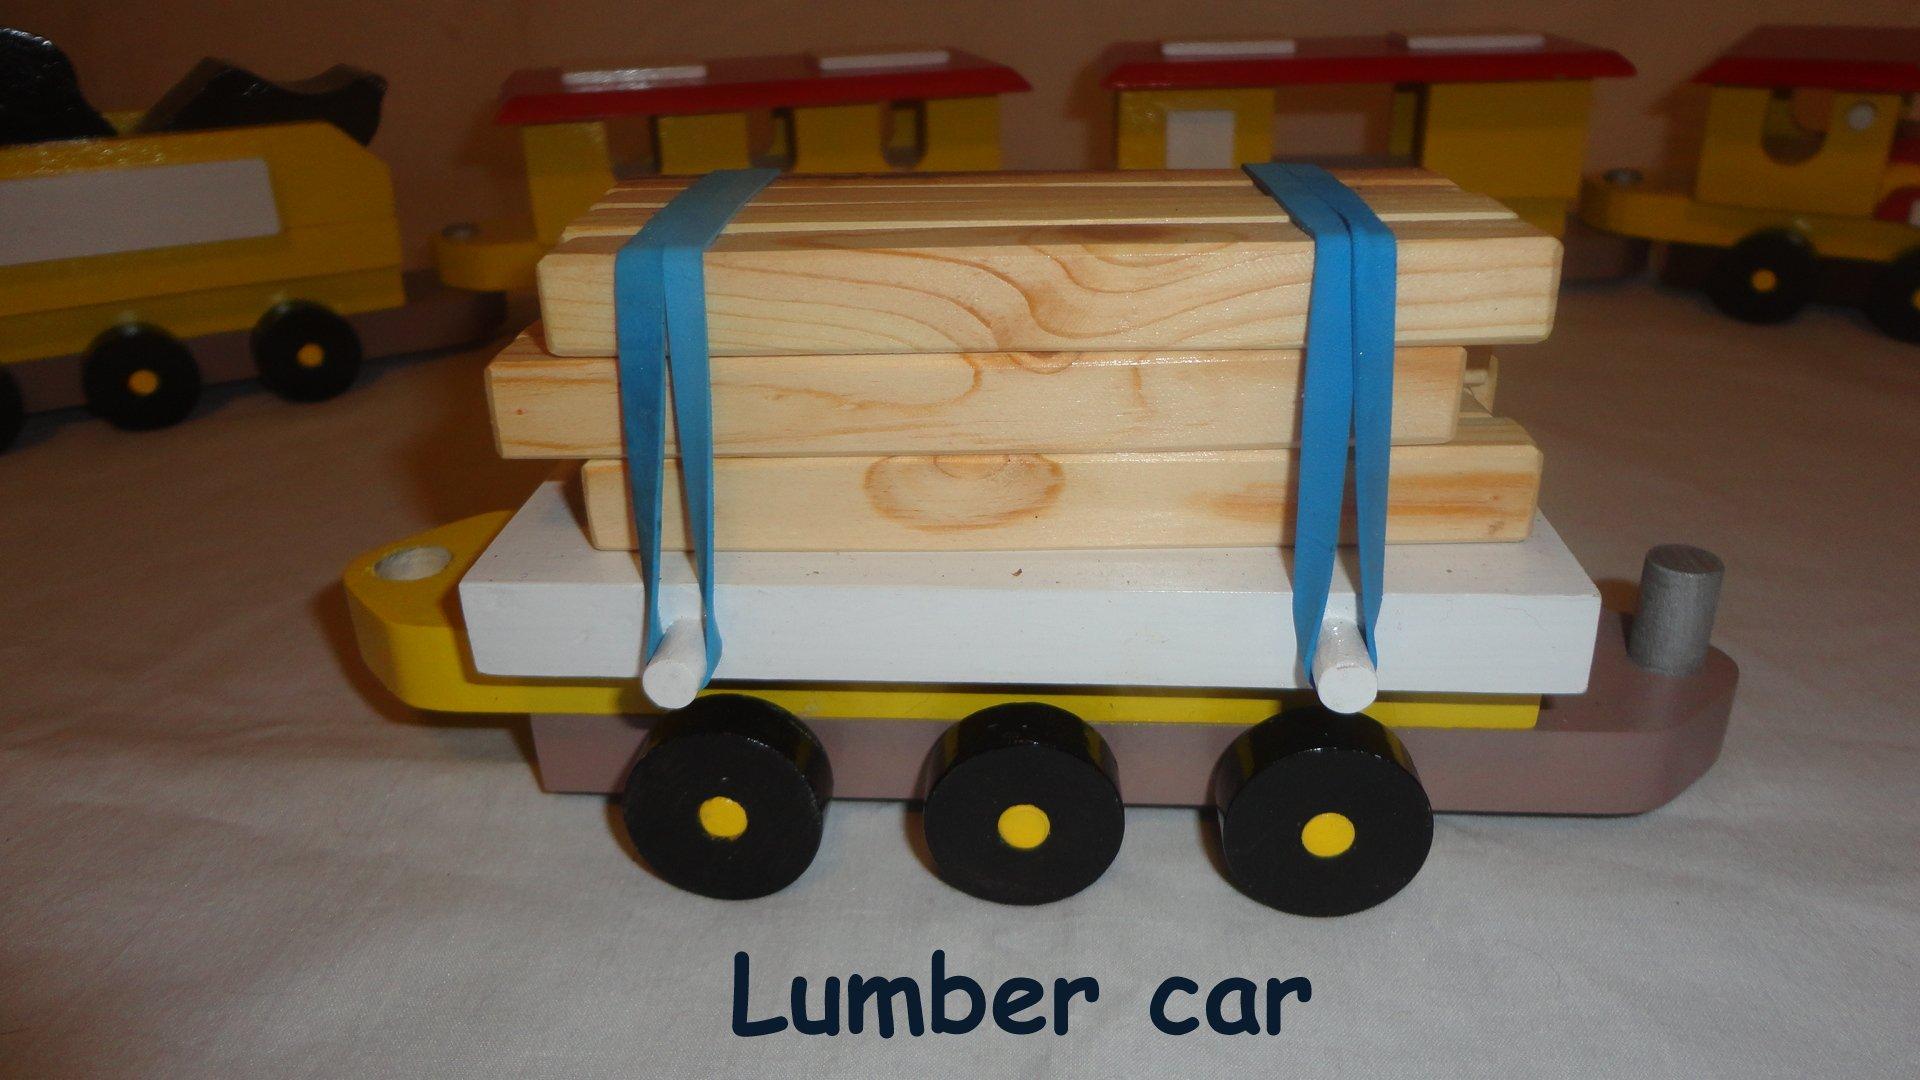 Lumbercar-a.jpg